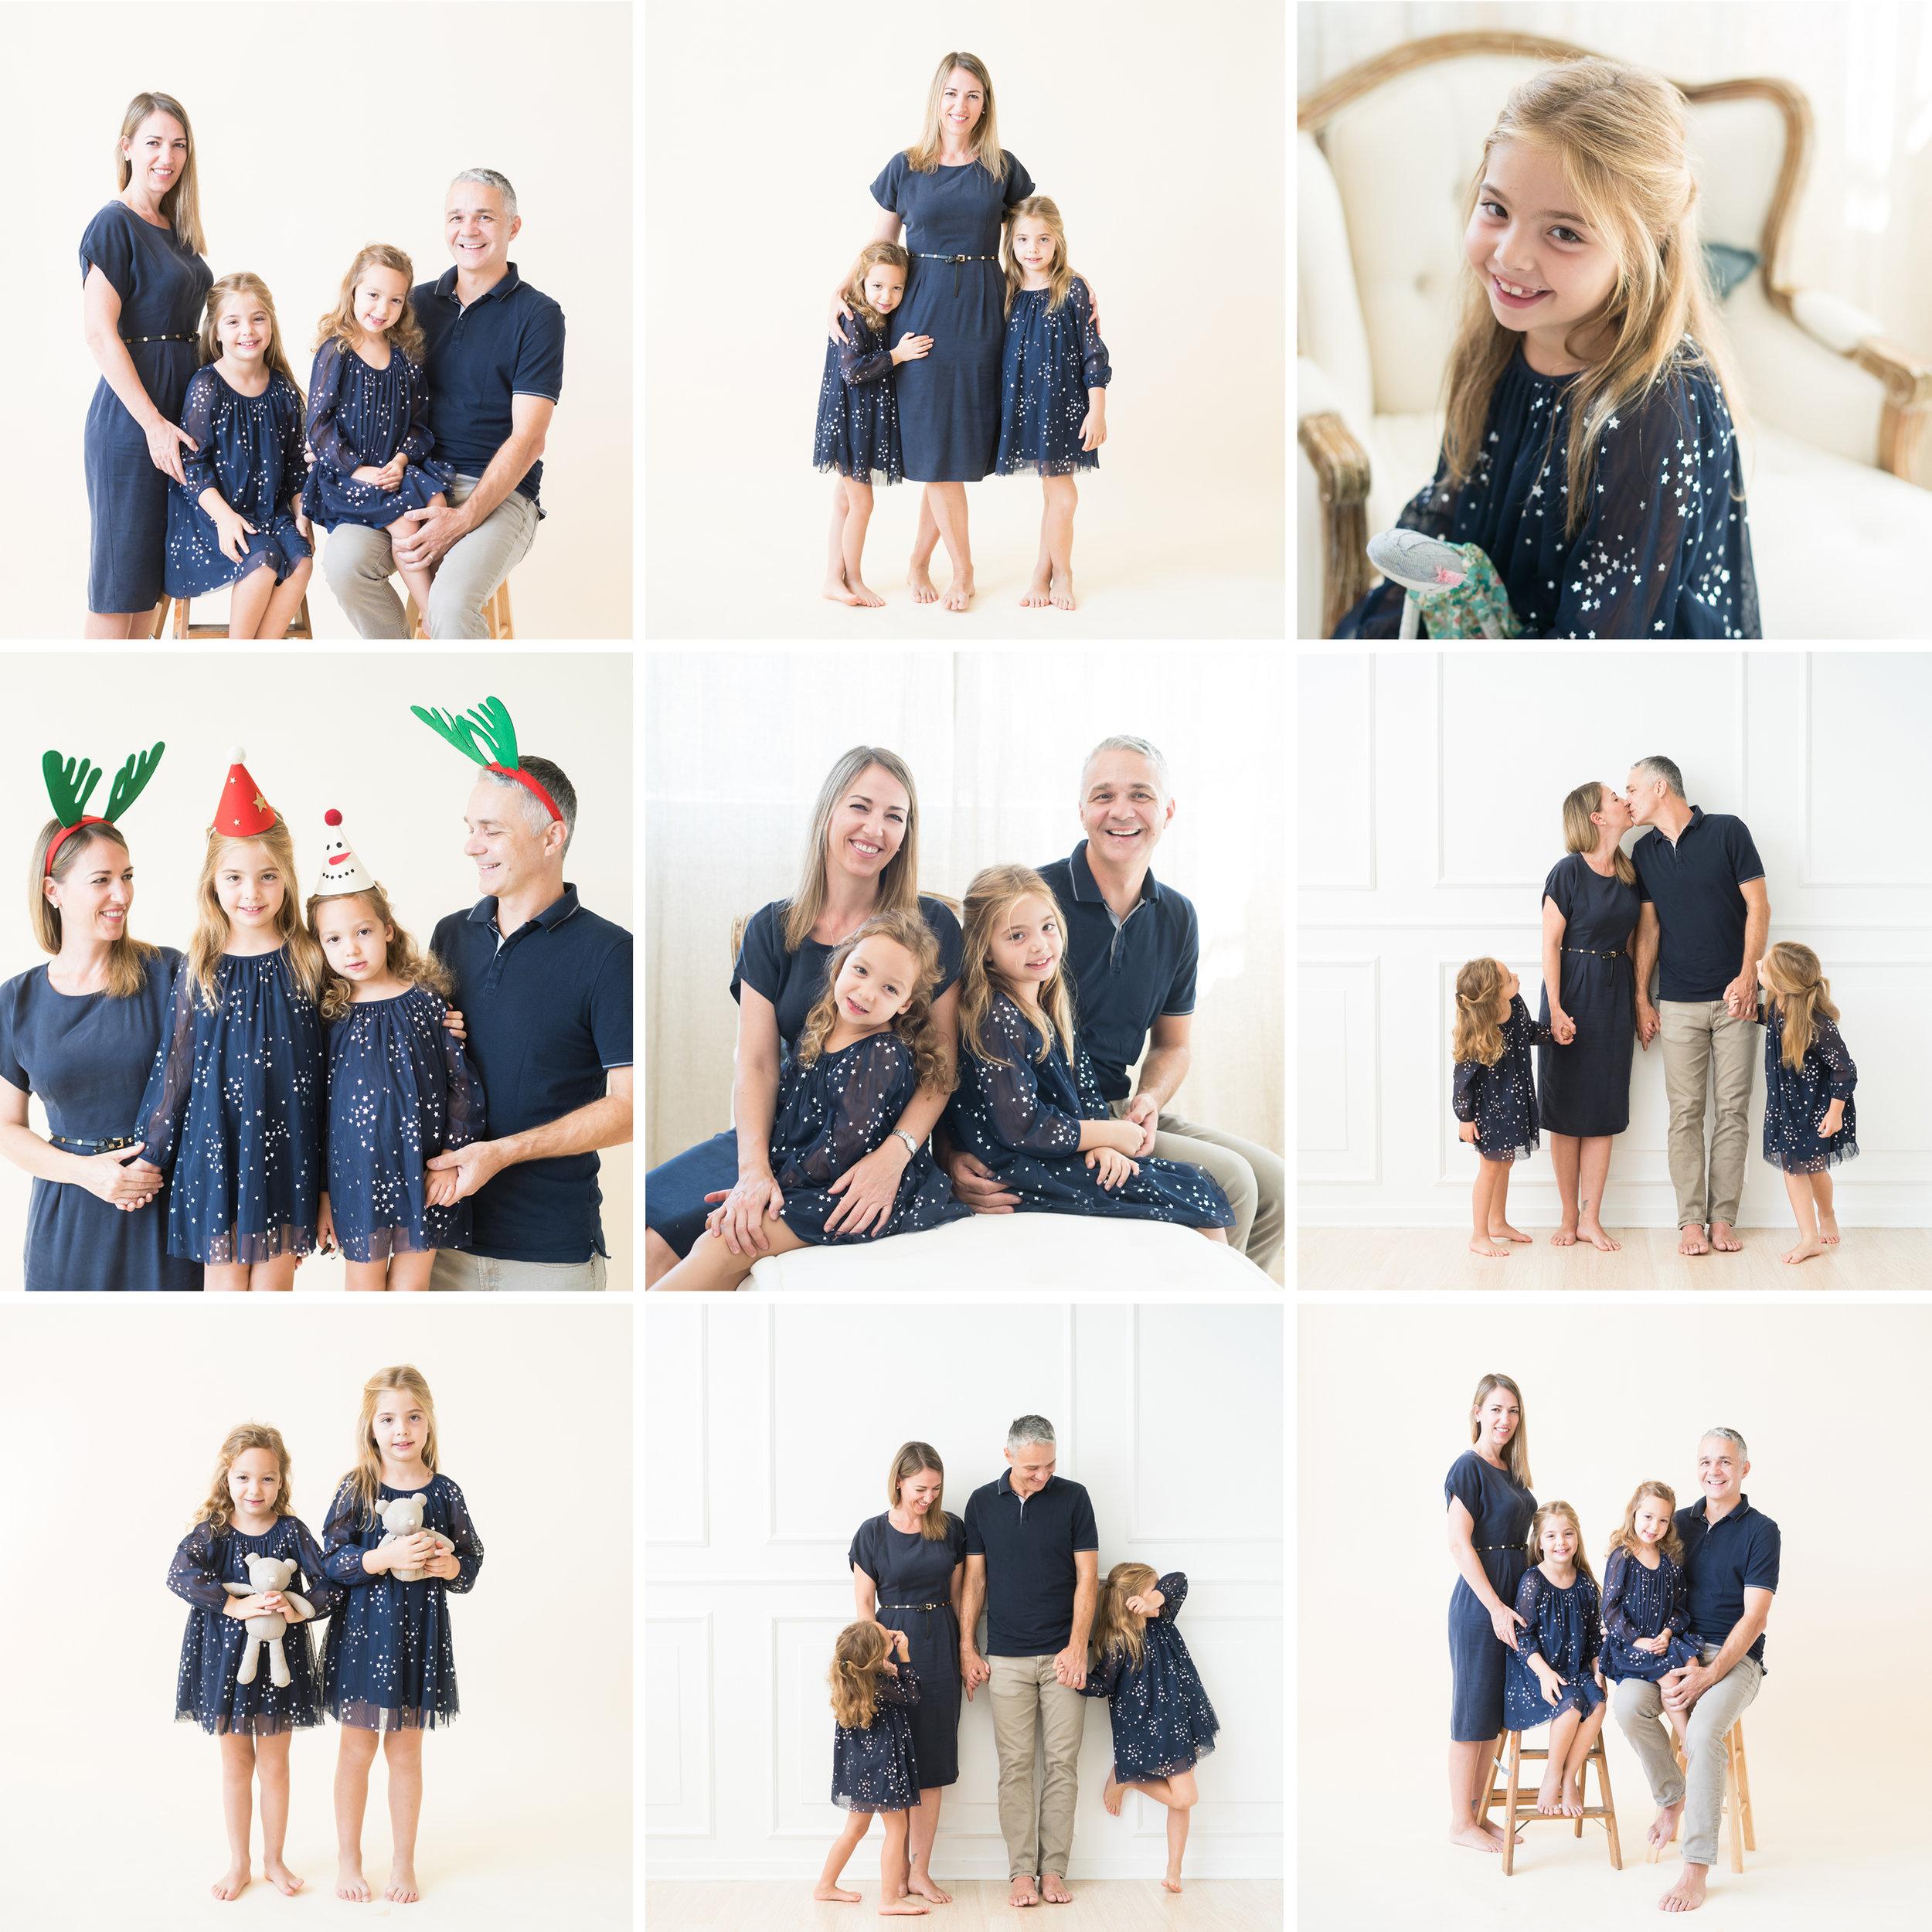 family201710.jpg